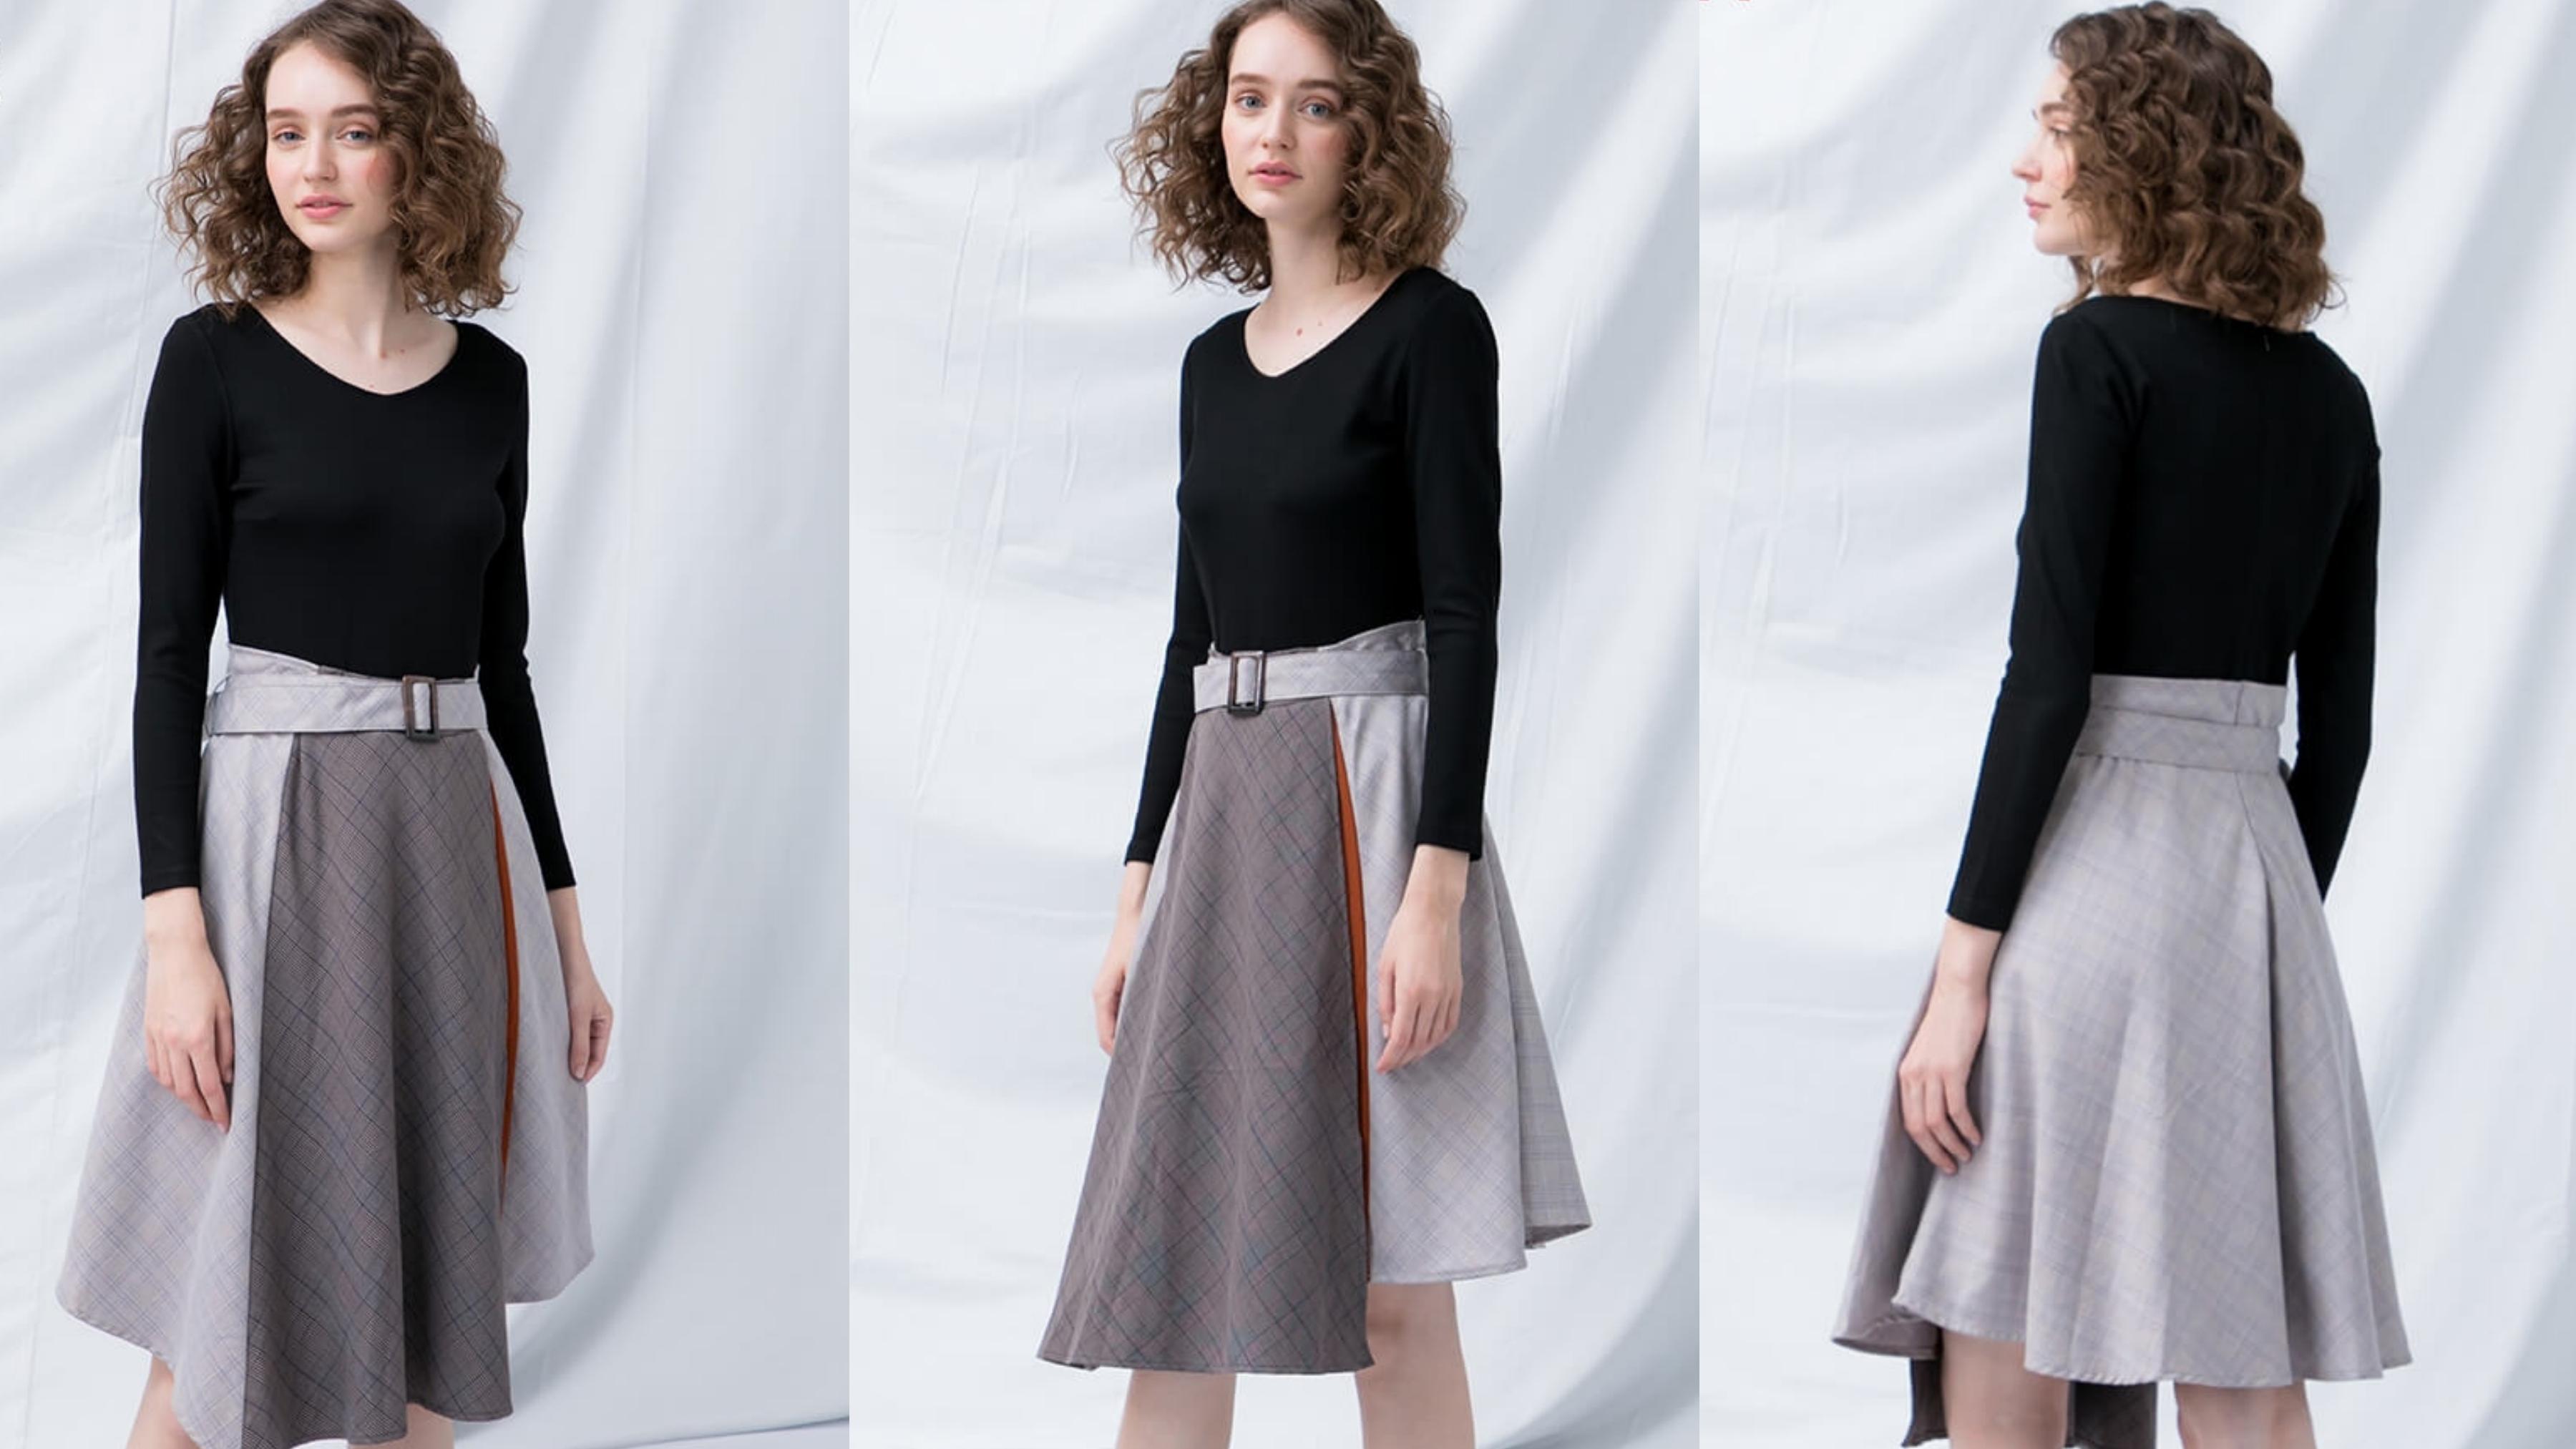 黑色拼接條紋設計超吸睛,結合挺版舒適布料,穿上更顯修長